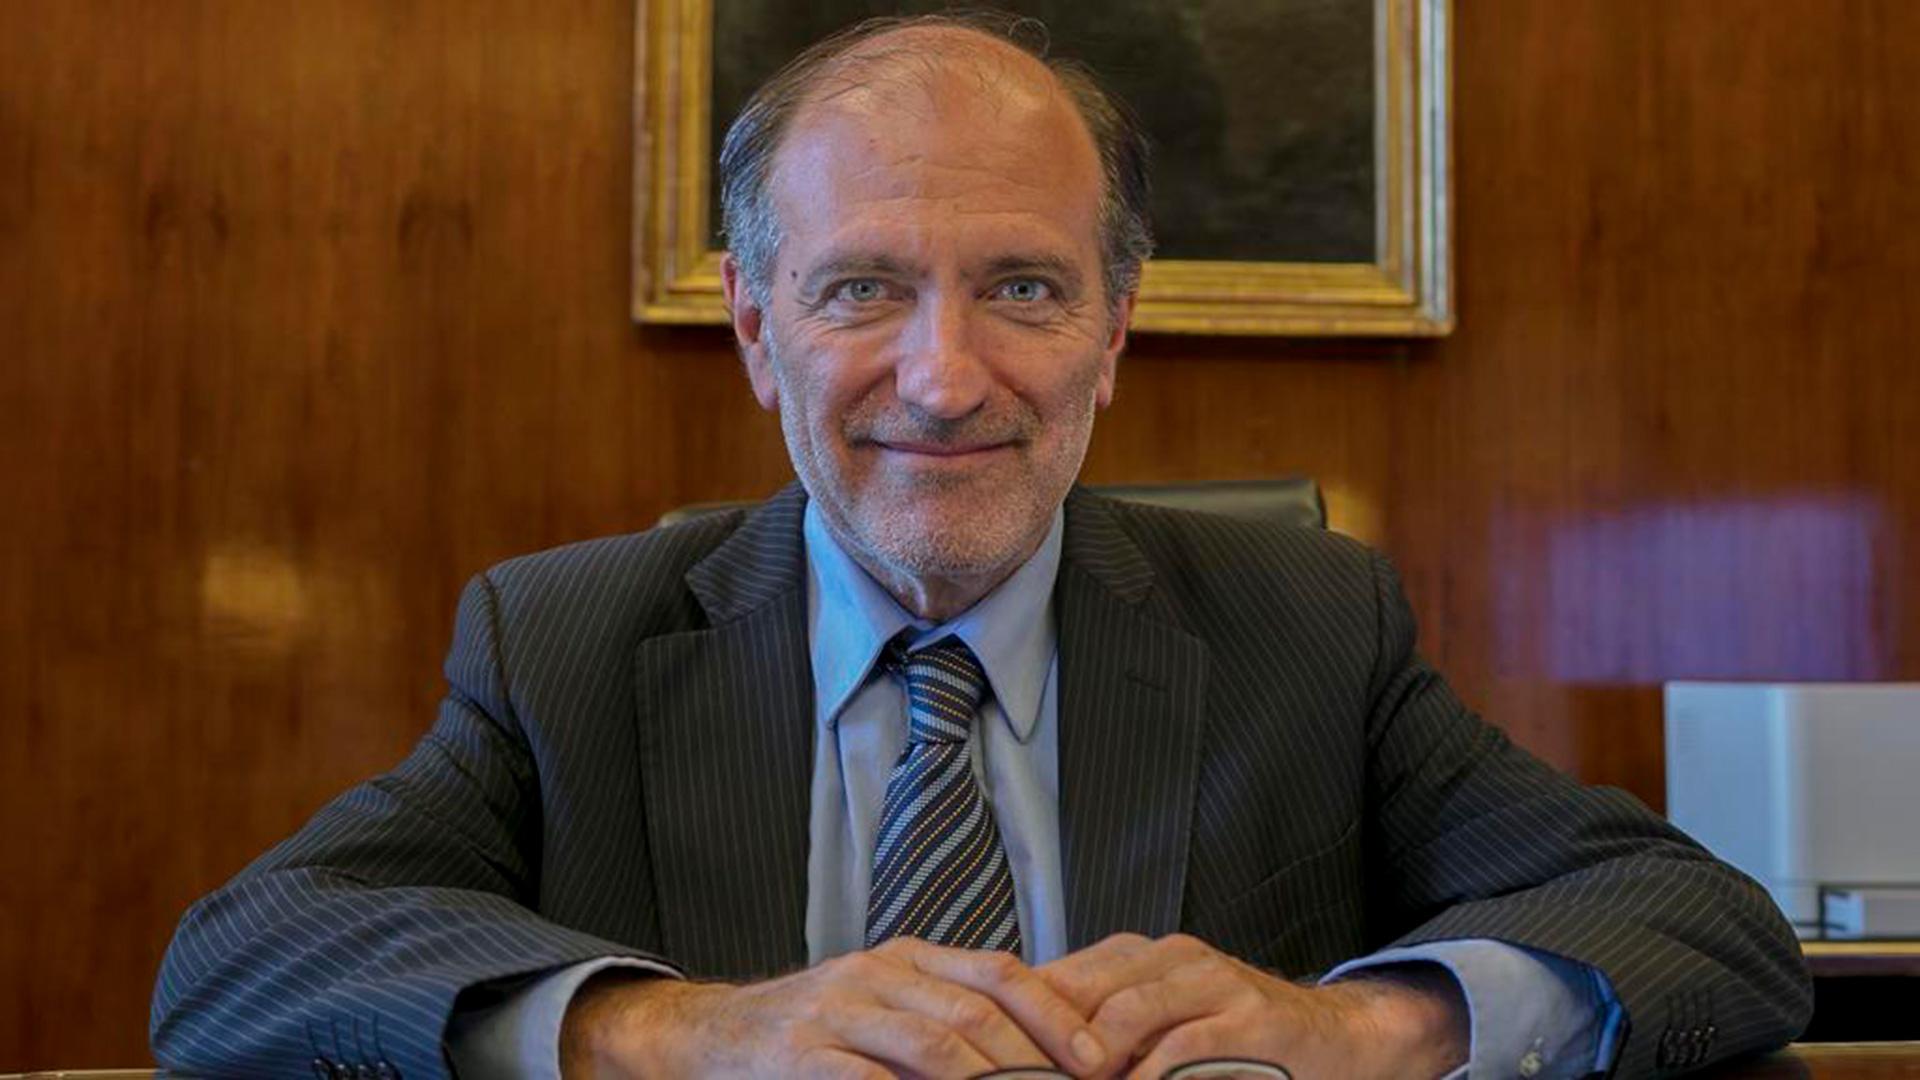 El Presidente del Banco Nación aseguró que la economía crecerá 8% este año